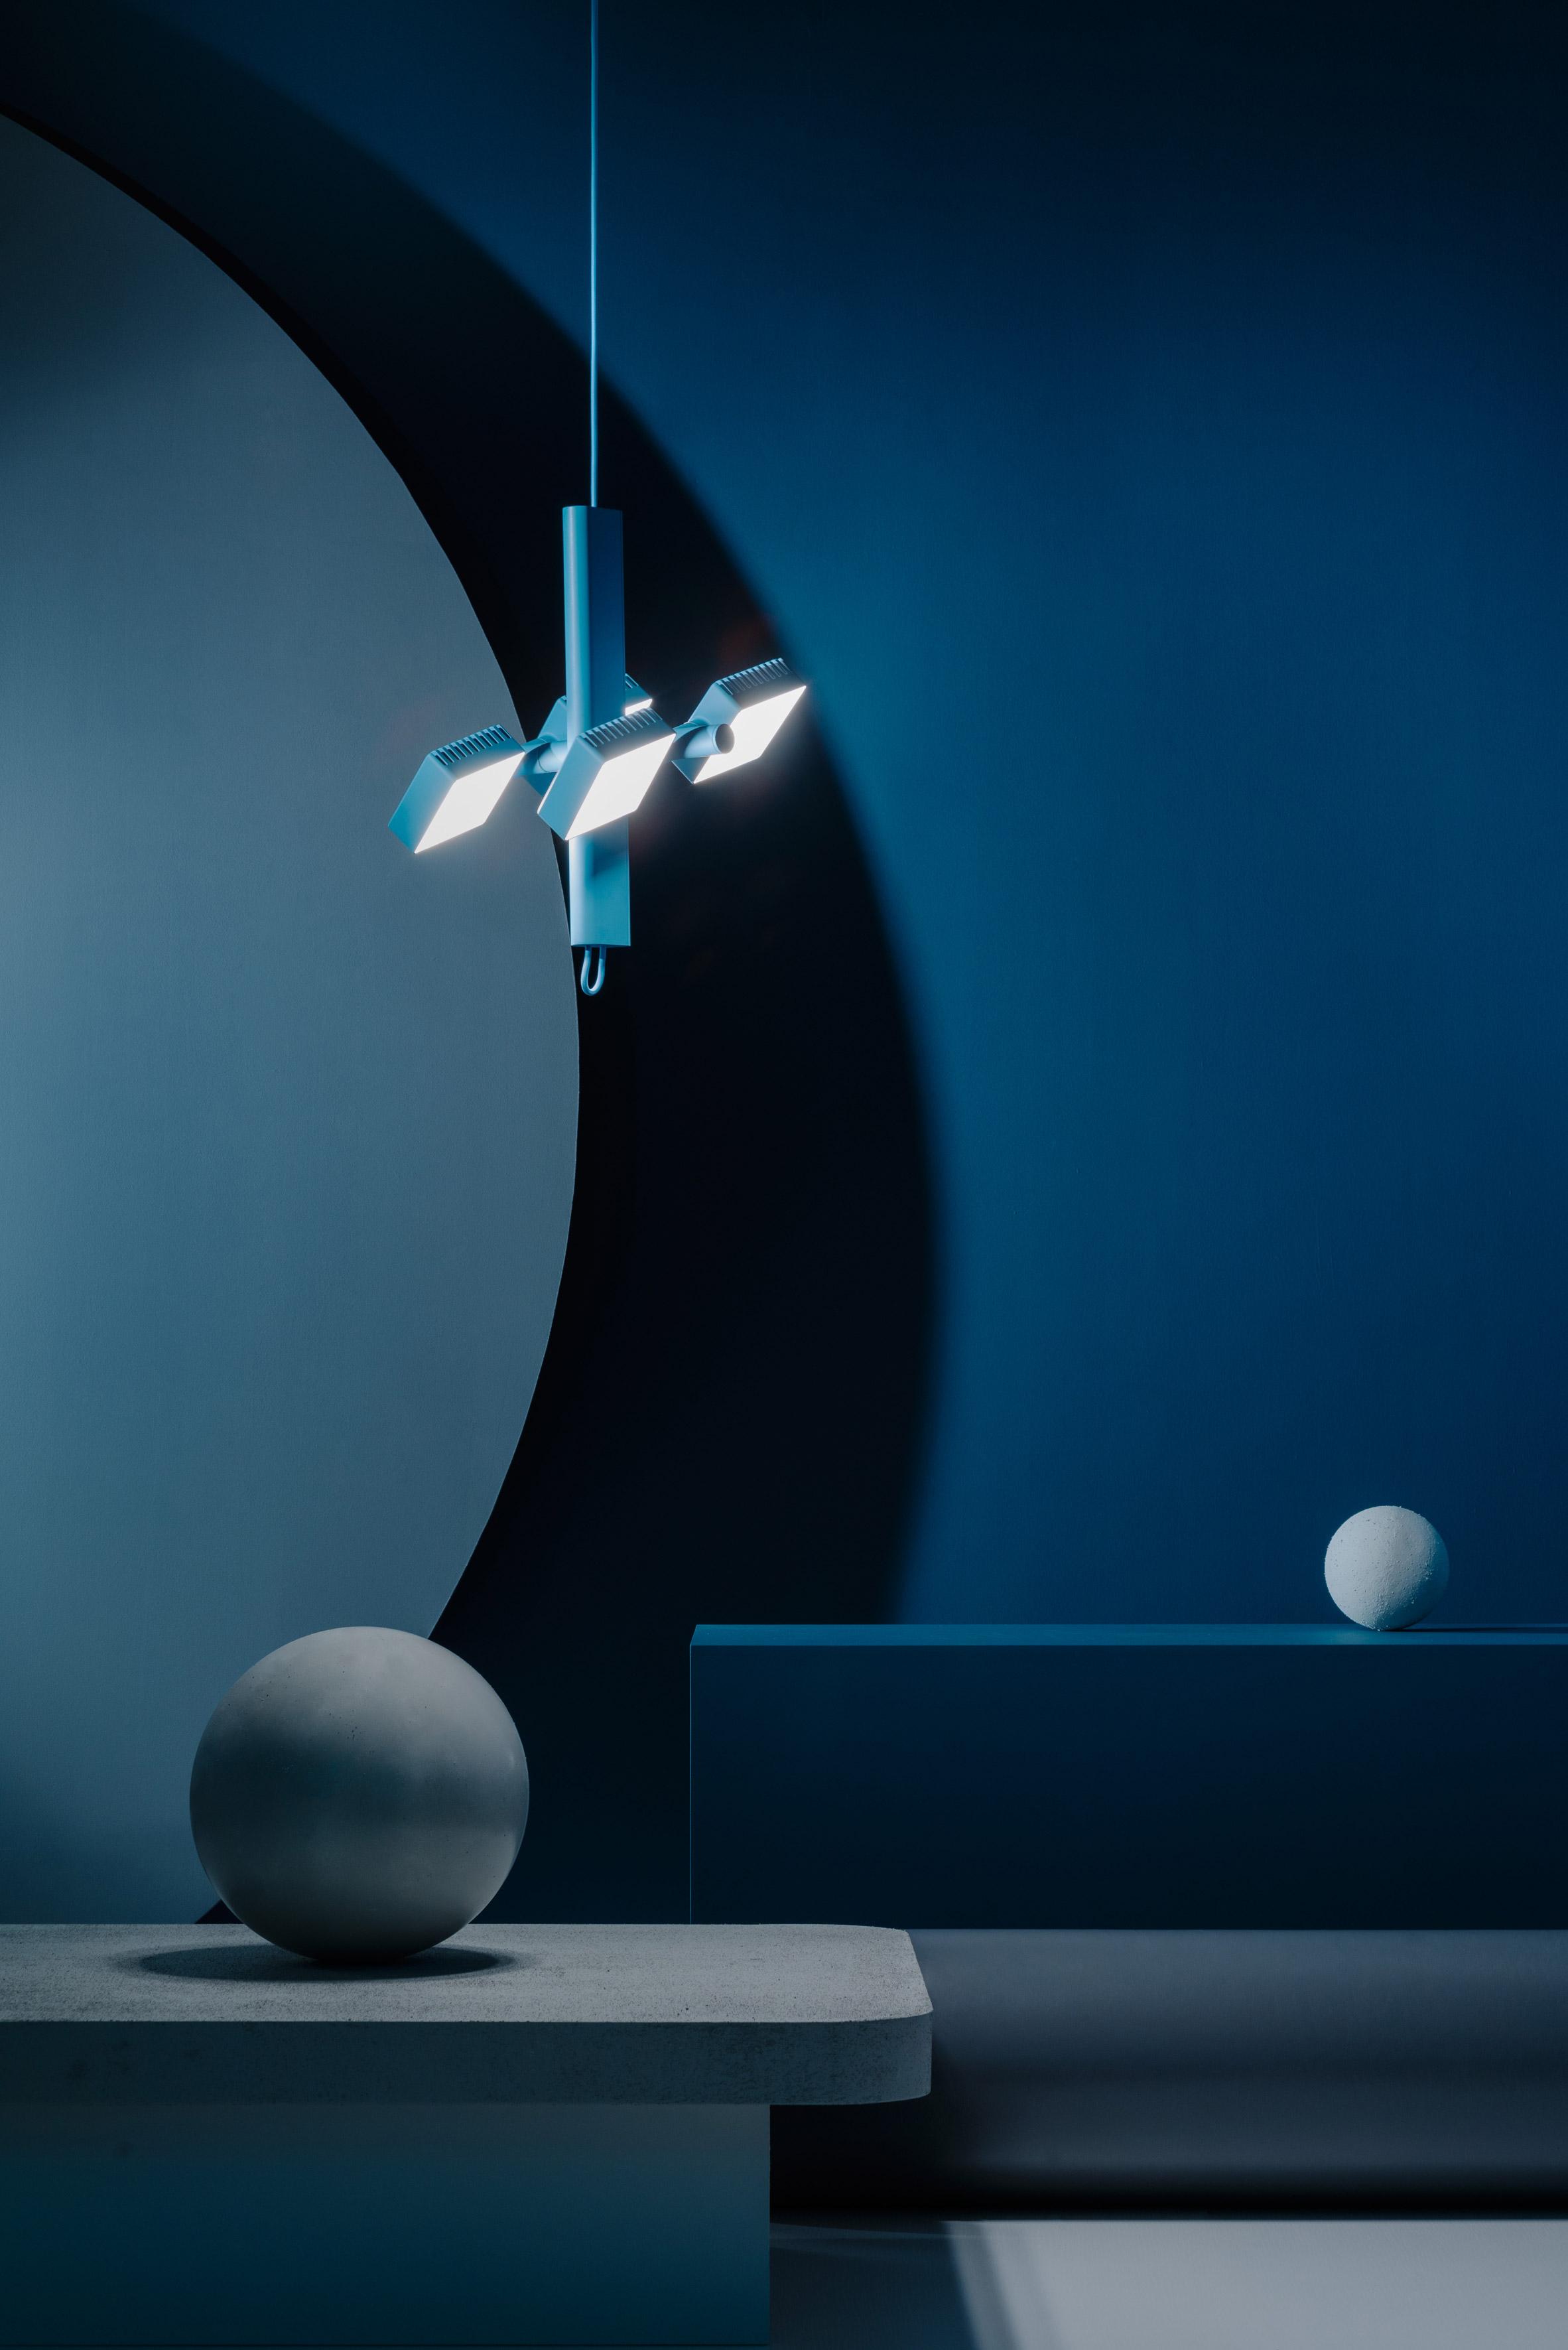 Dorval light by SCMP Design Office